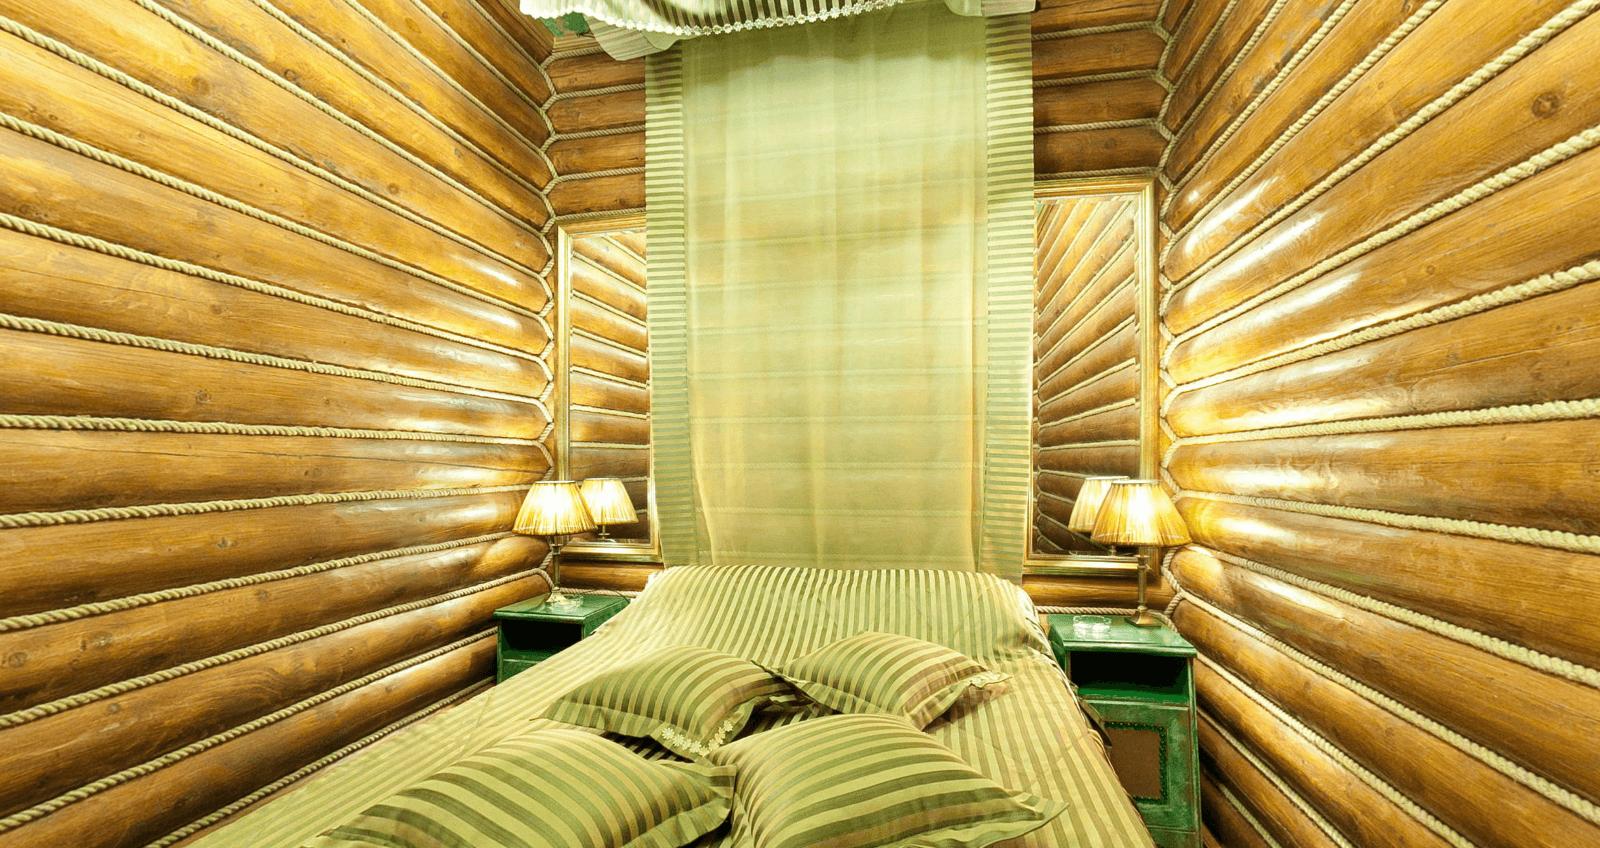 Баня 3 - лучшее место для отдыха в городе Геленджик